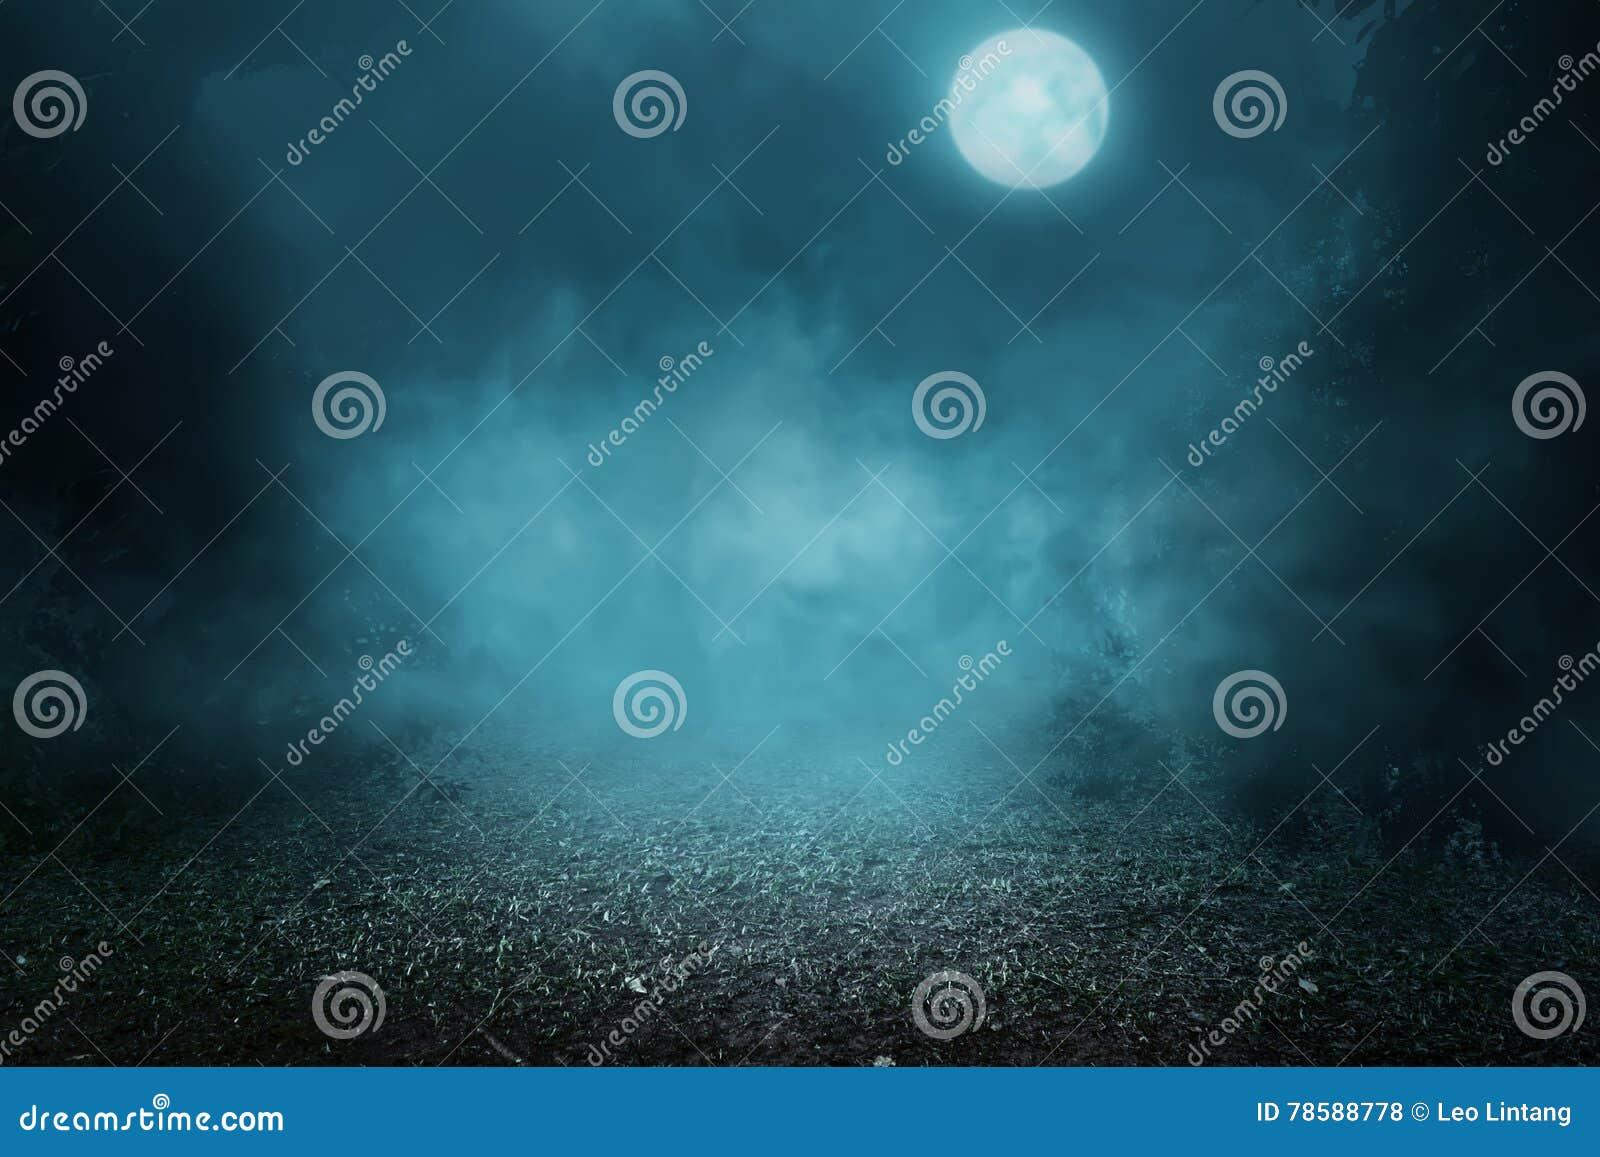 Foresta nebbiosa spettrale